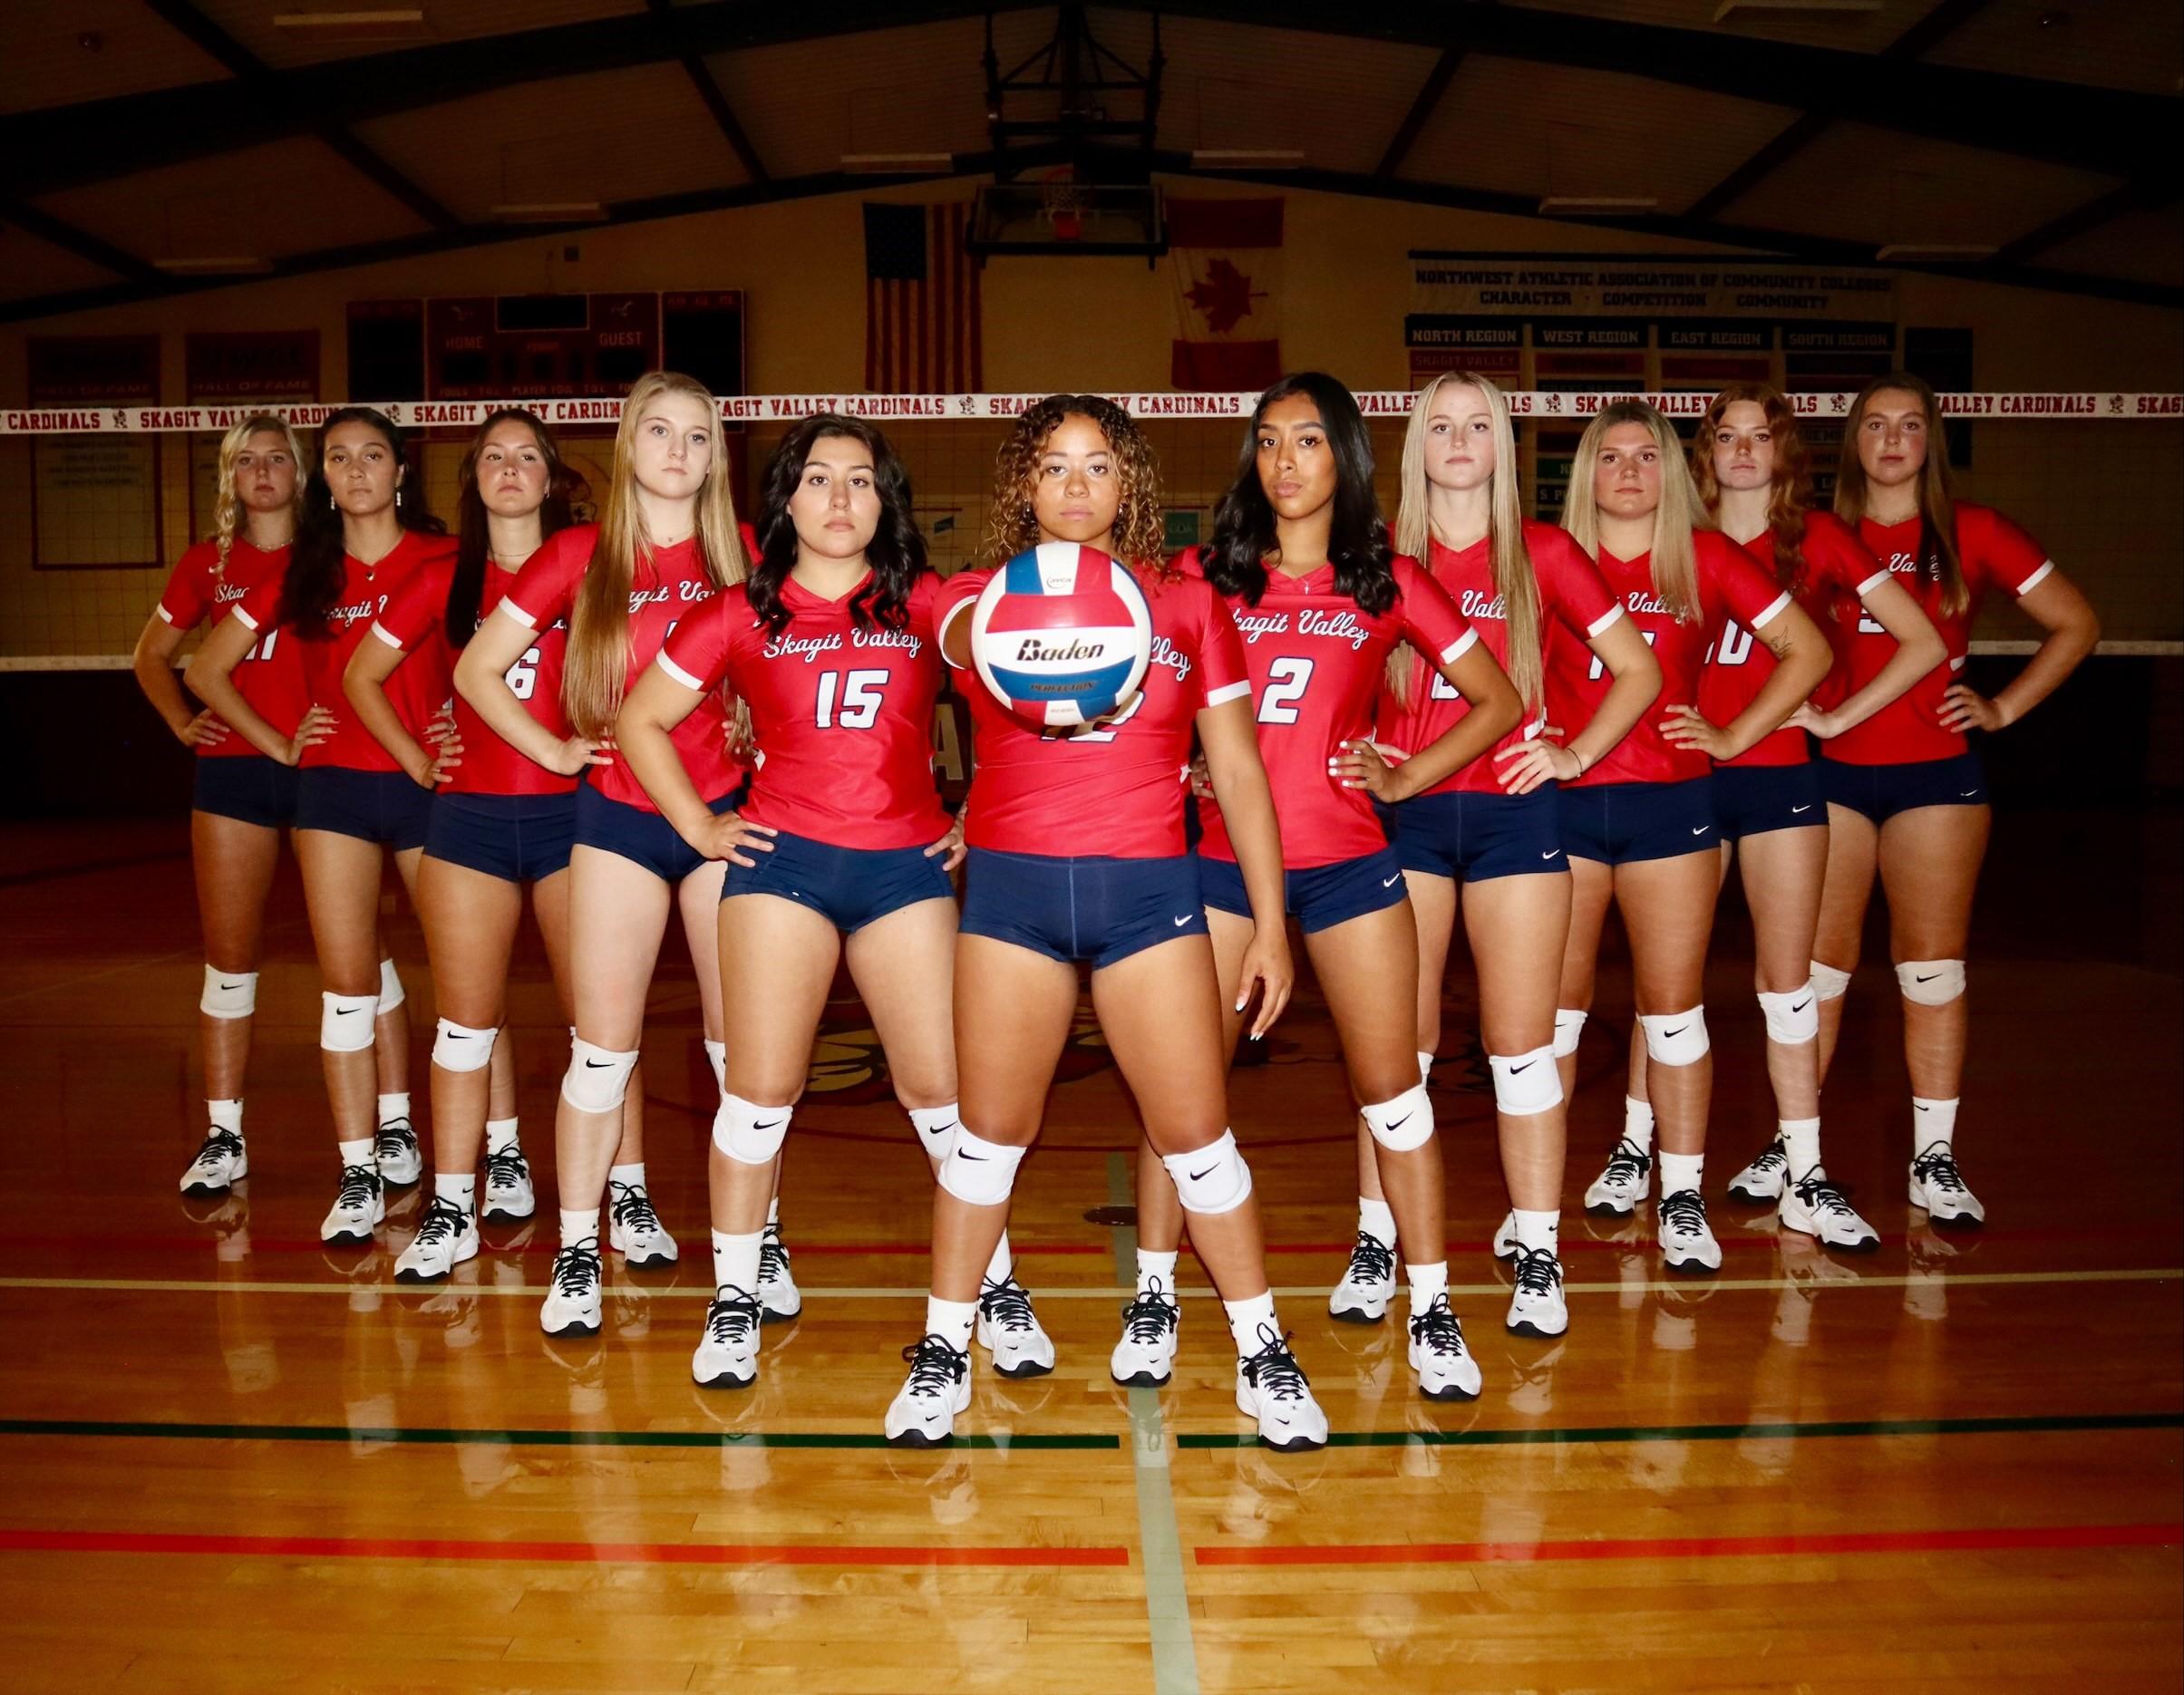 Skagit Valley team photo